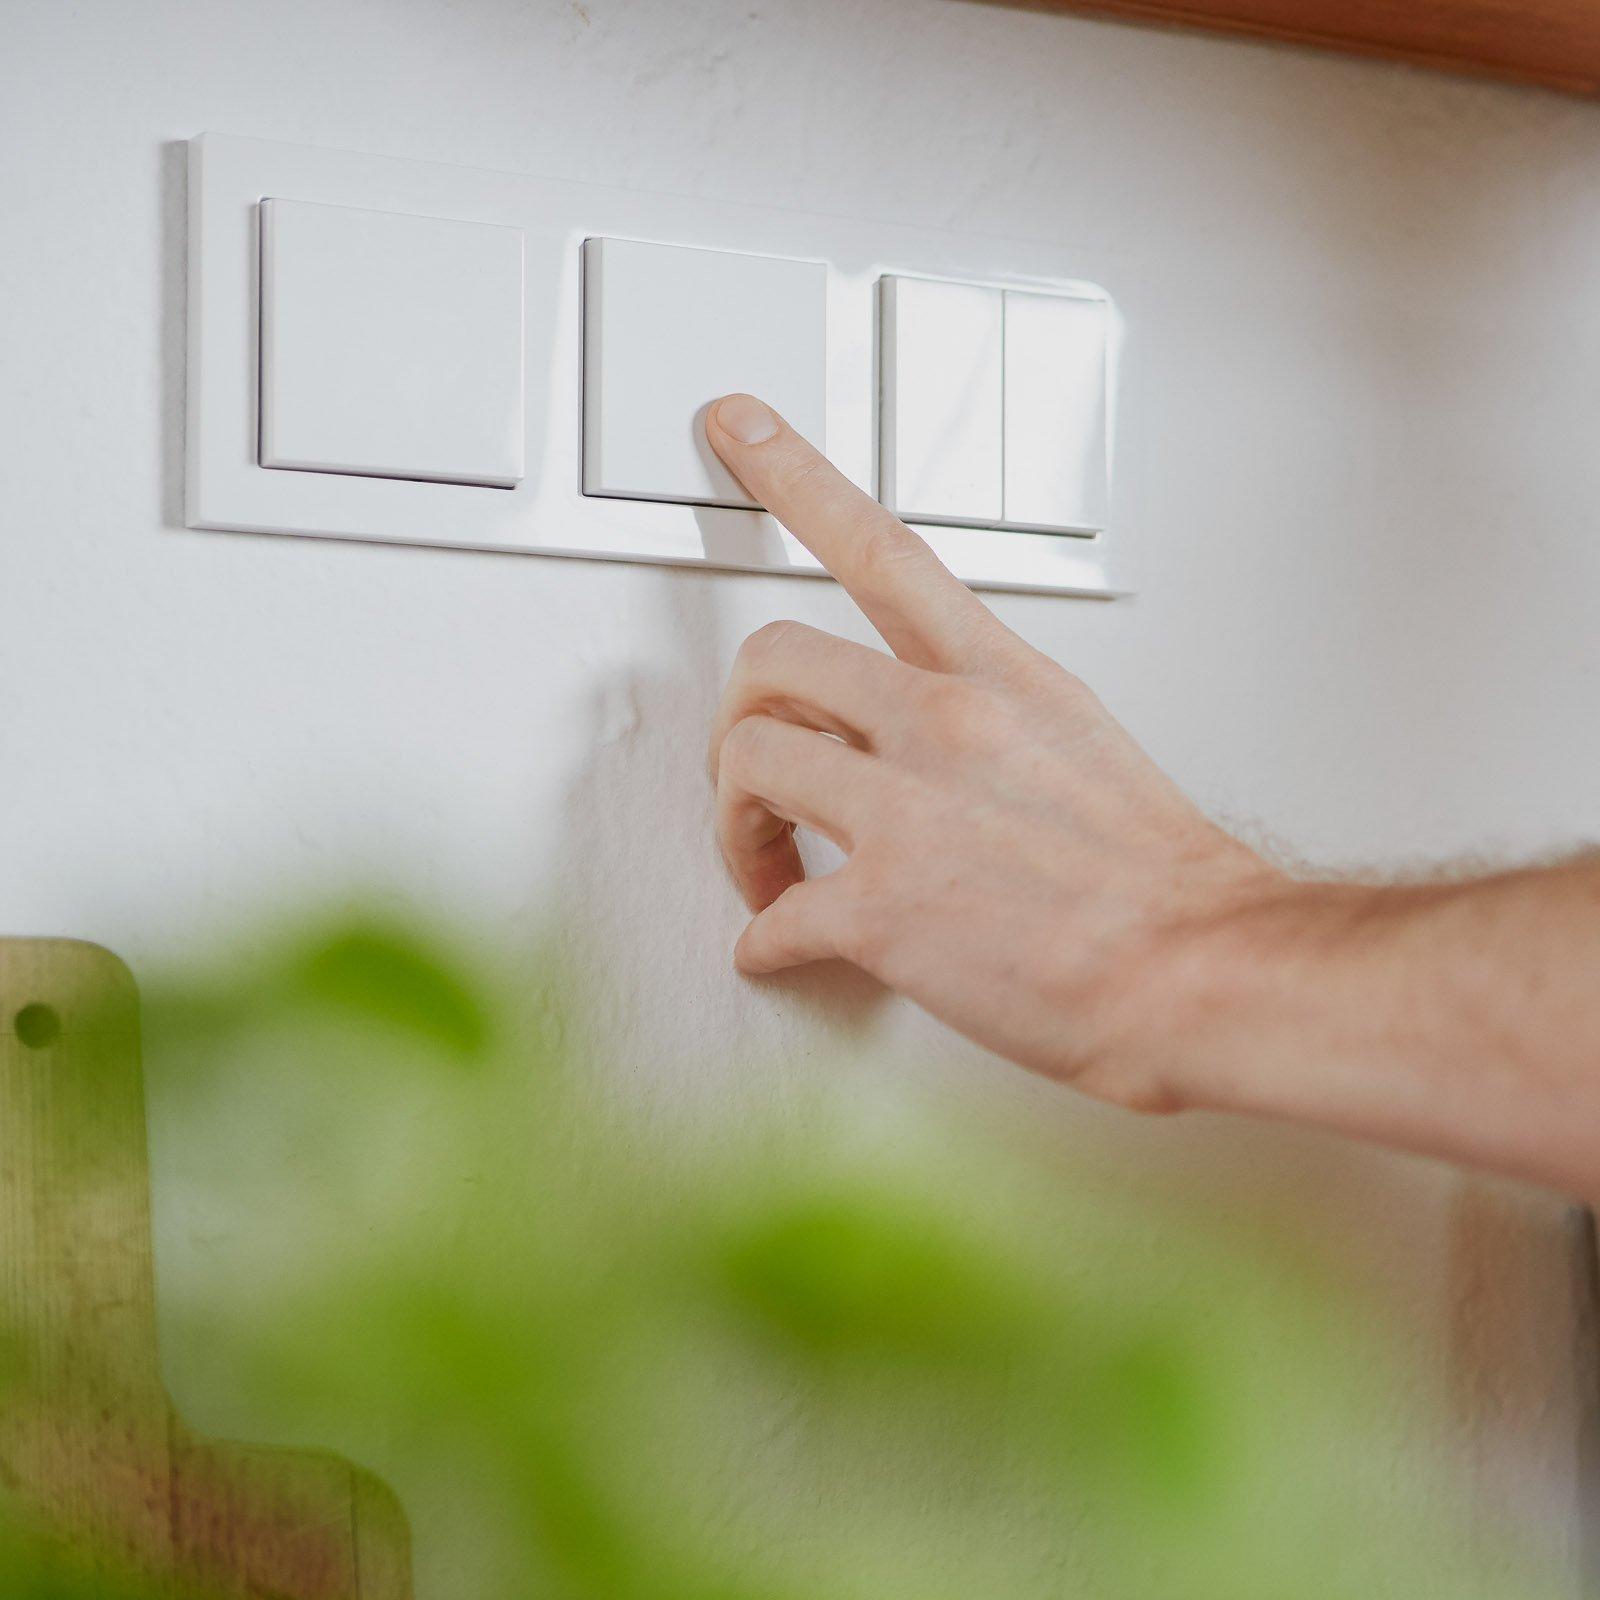 Senic Smart Switch Philips Hue 3-er, hvit blank